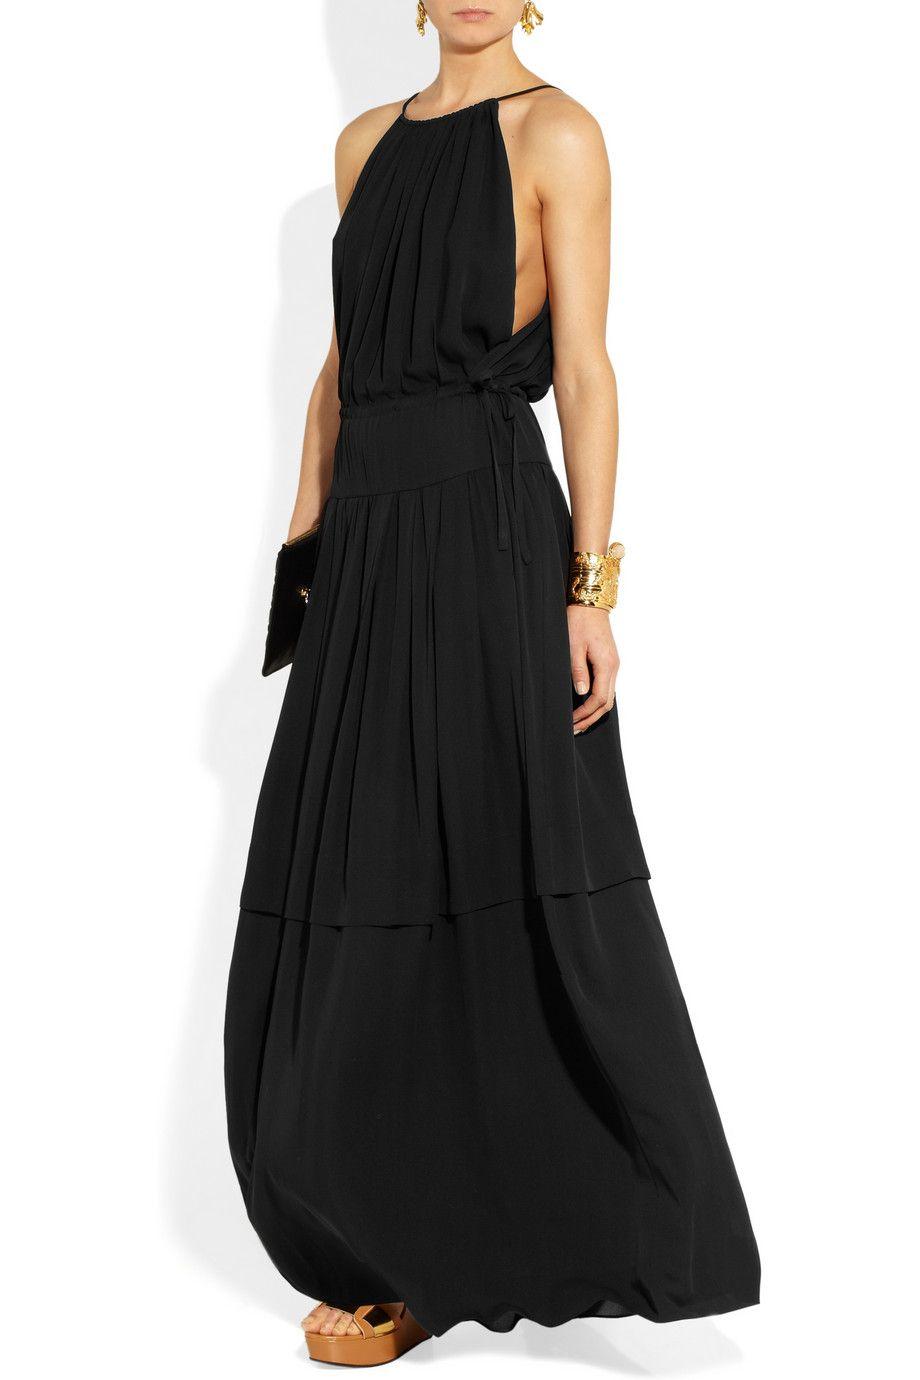 Chloé|Silk-georgette maxi dress |NET-A-PORTER.COM